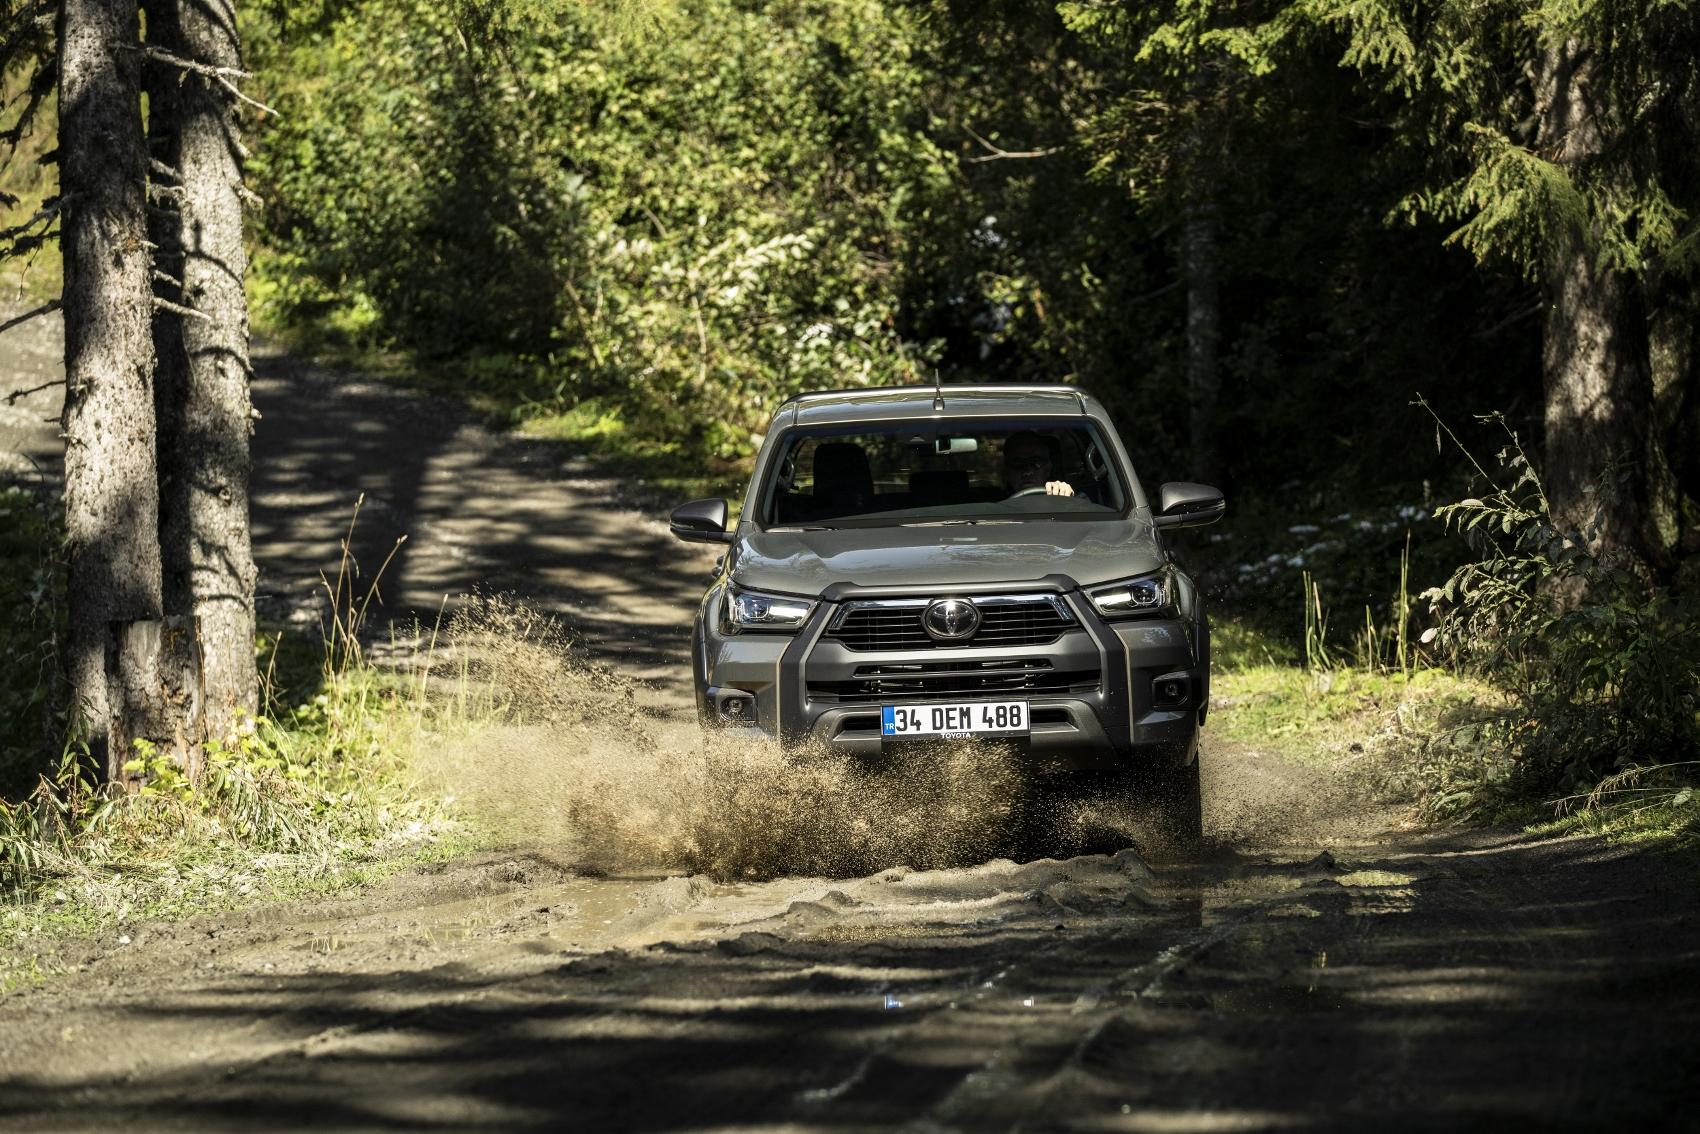 Modernizovaná Toyota Hilux prichádza do Európy. Pozrite si ju vo veľkej galérii